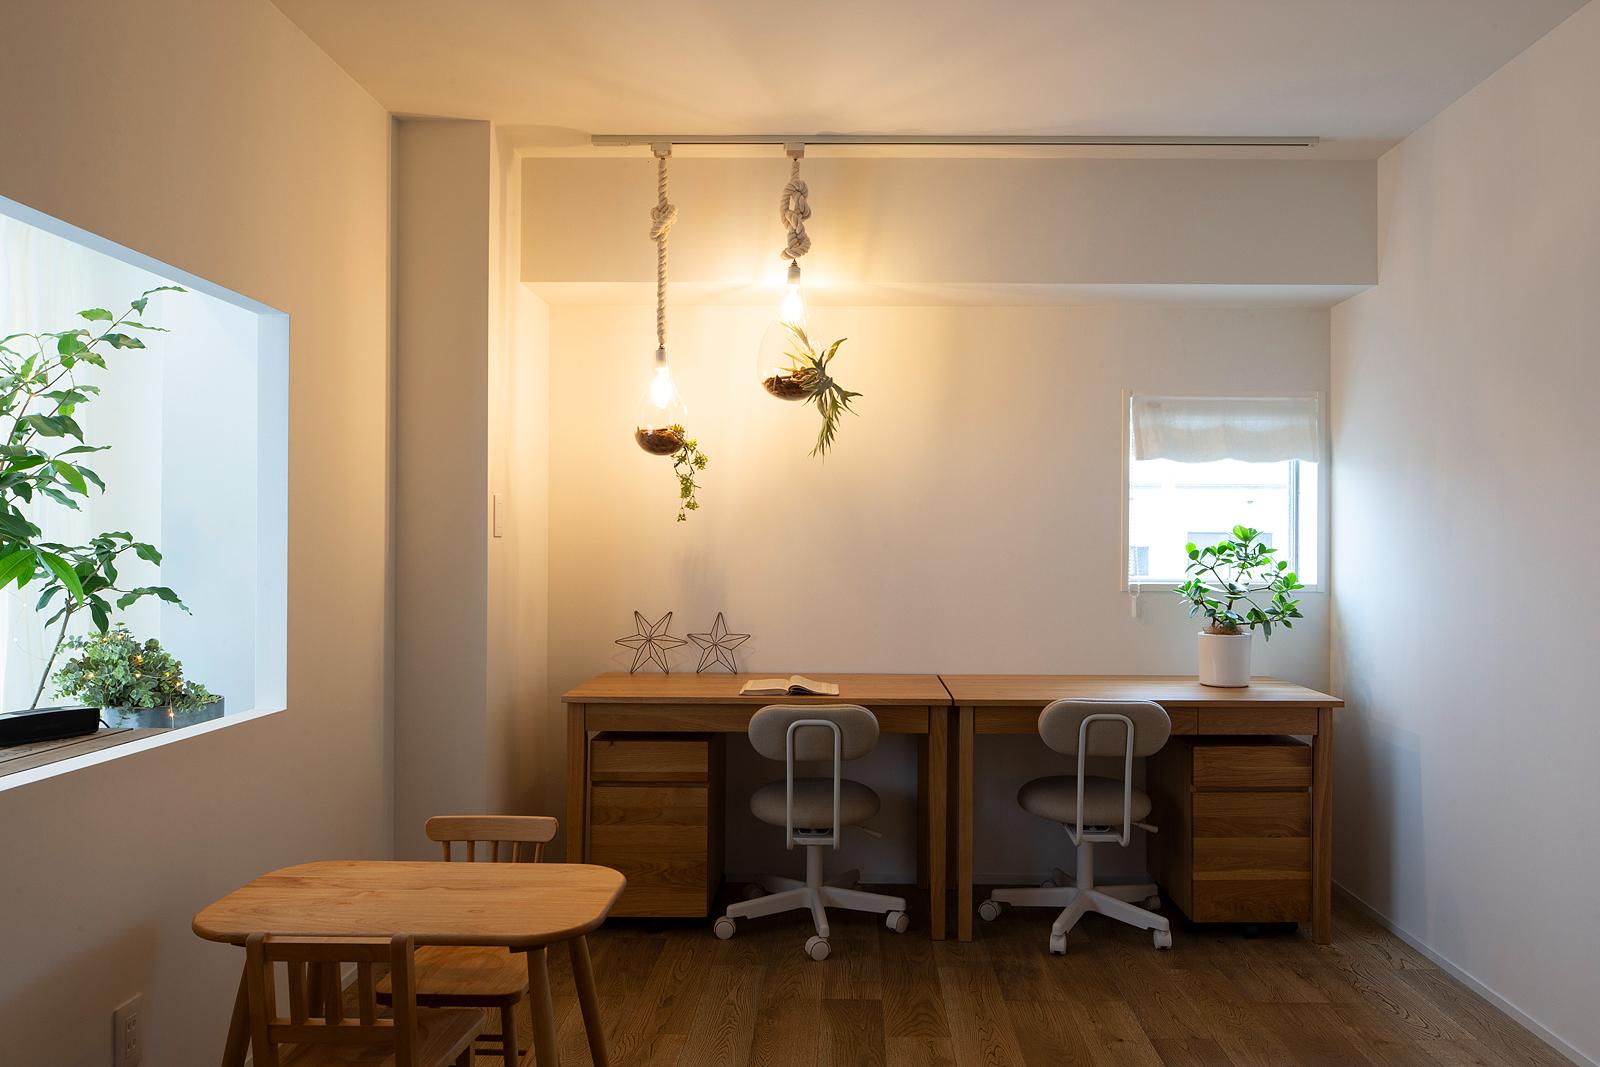 リビングからゆるやかにつながる、住む人の自由な使い方が叶うフレキシブルルーム。北側の壁には2ヵ所の開口部を設け、新たに部屋を設けた際にも陽の光がしっかり届く工夫を取り入れた